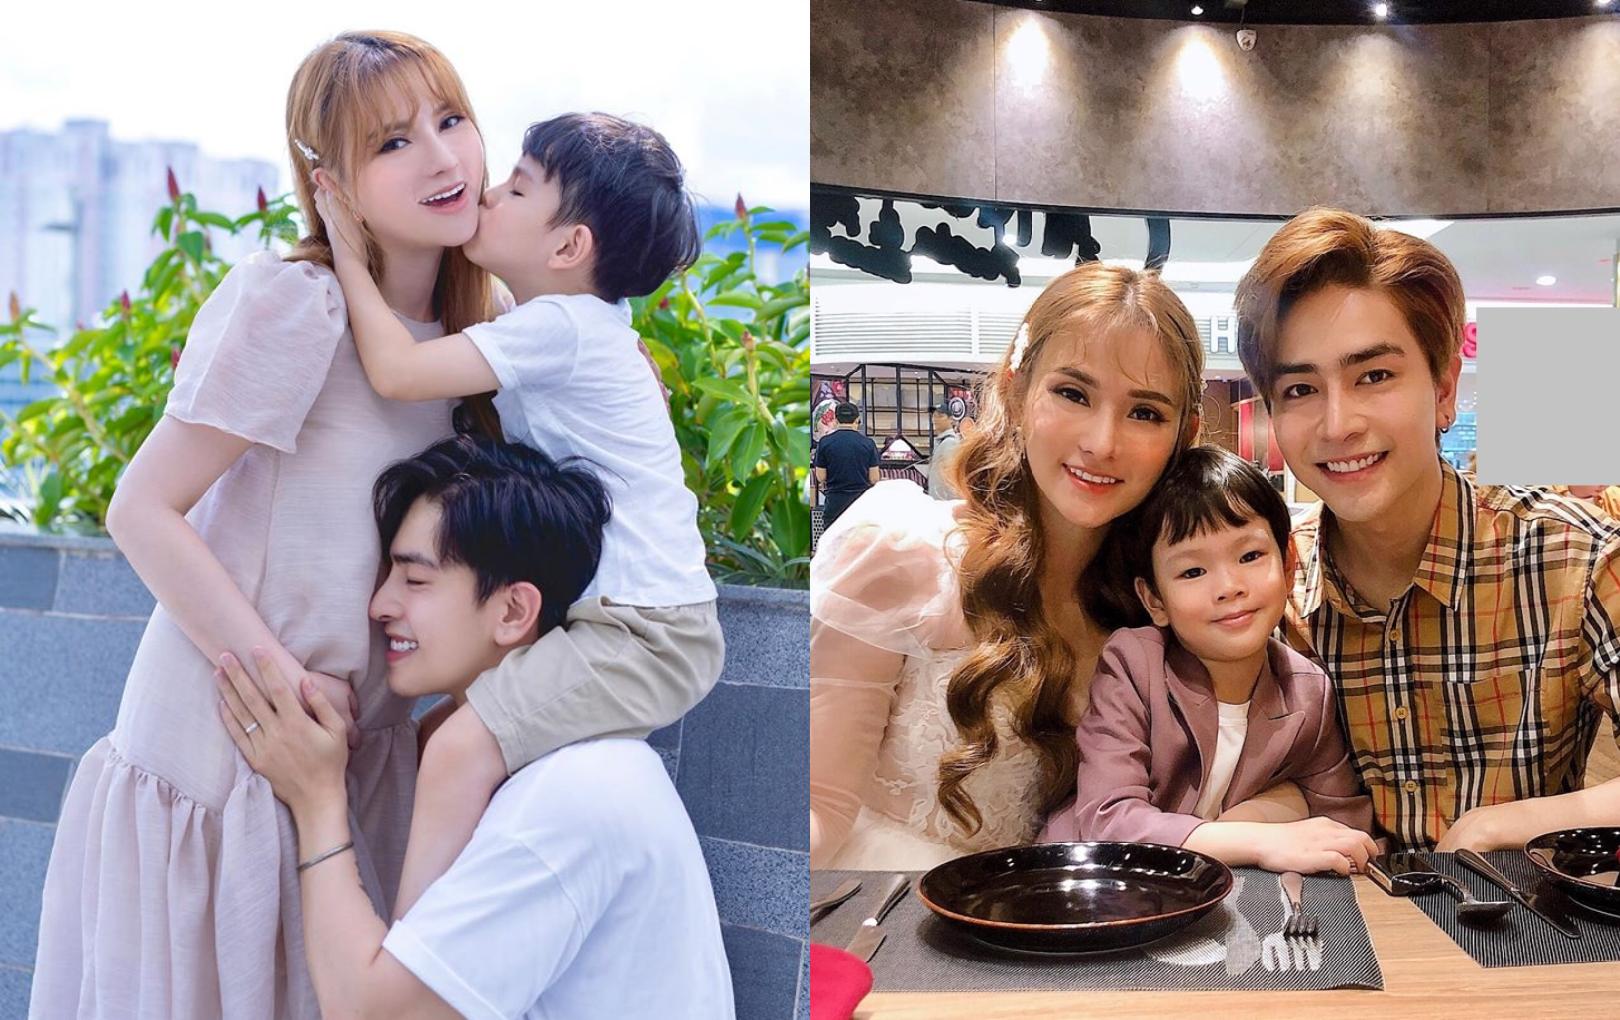 Thu Thủy xác nhận đang mang thai 5 tháng với chồng trẻ kém 10 tuổi